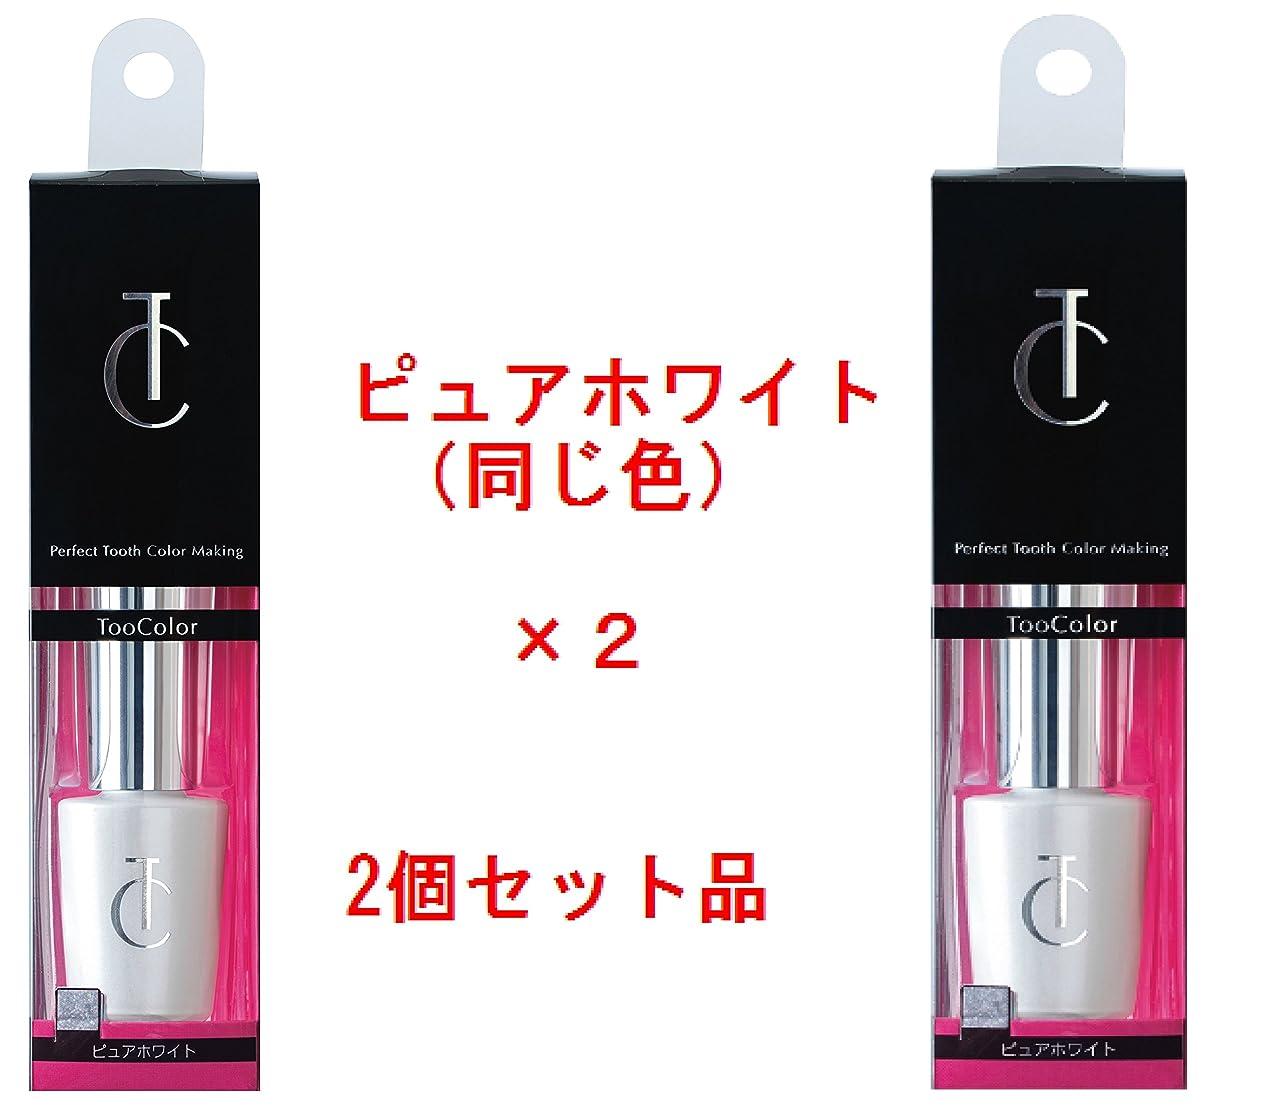 海峡クライマックスサイレンTooColor ピュアホワイト2個セット [口腔化粧品 歯のマニキュア]マイクロソリューション